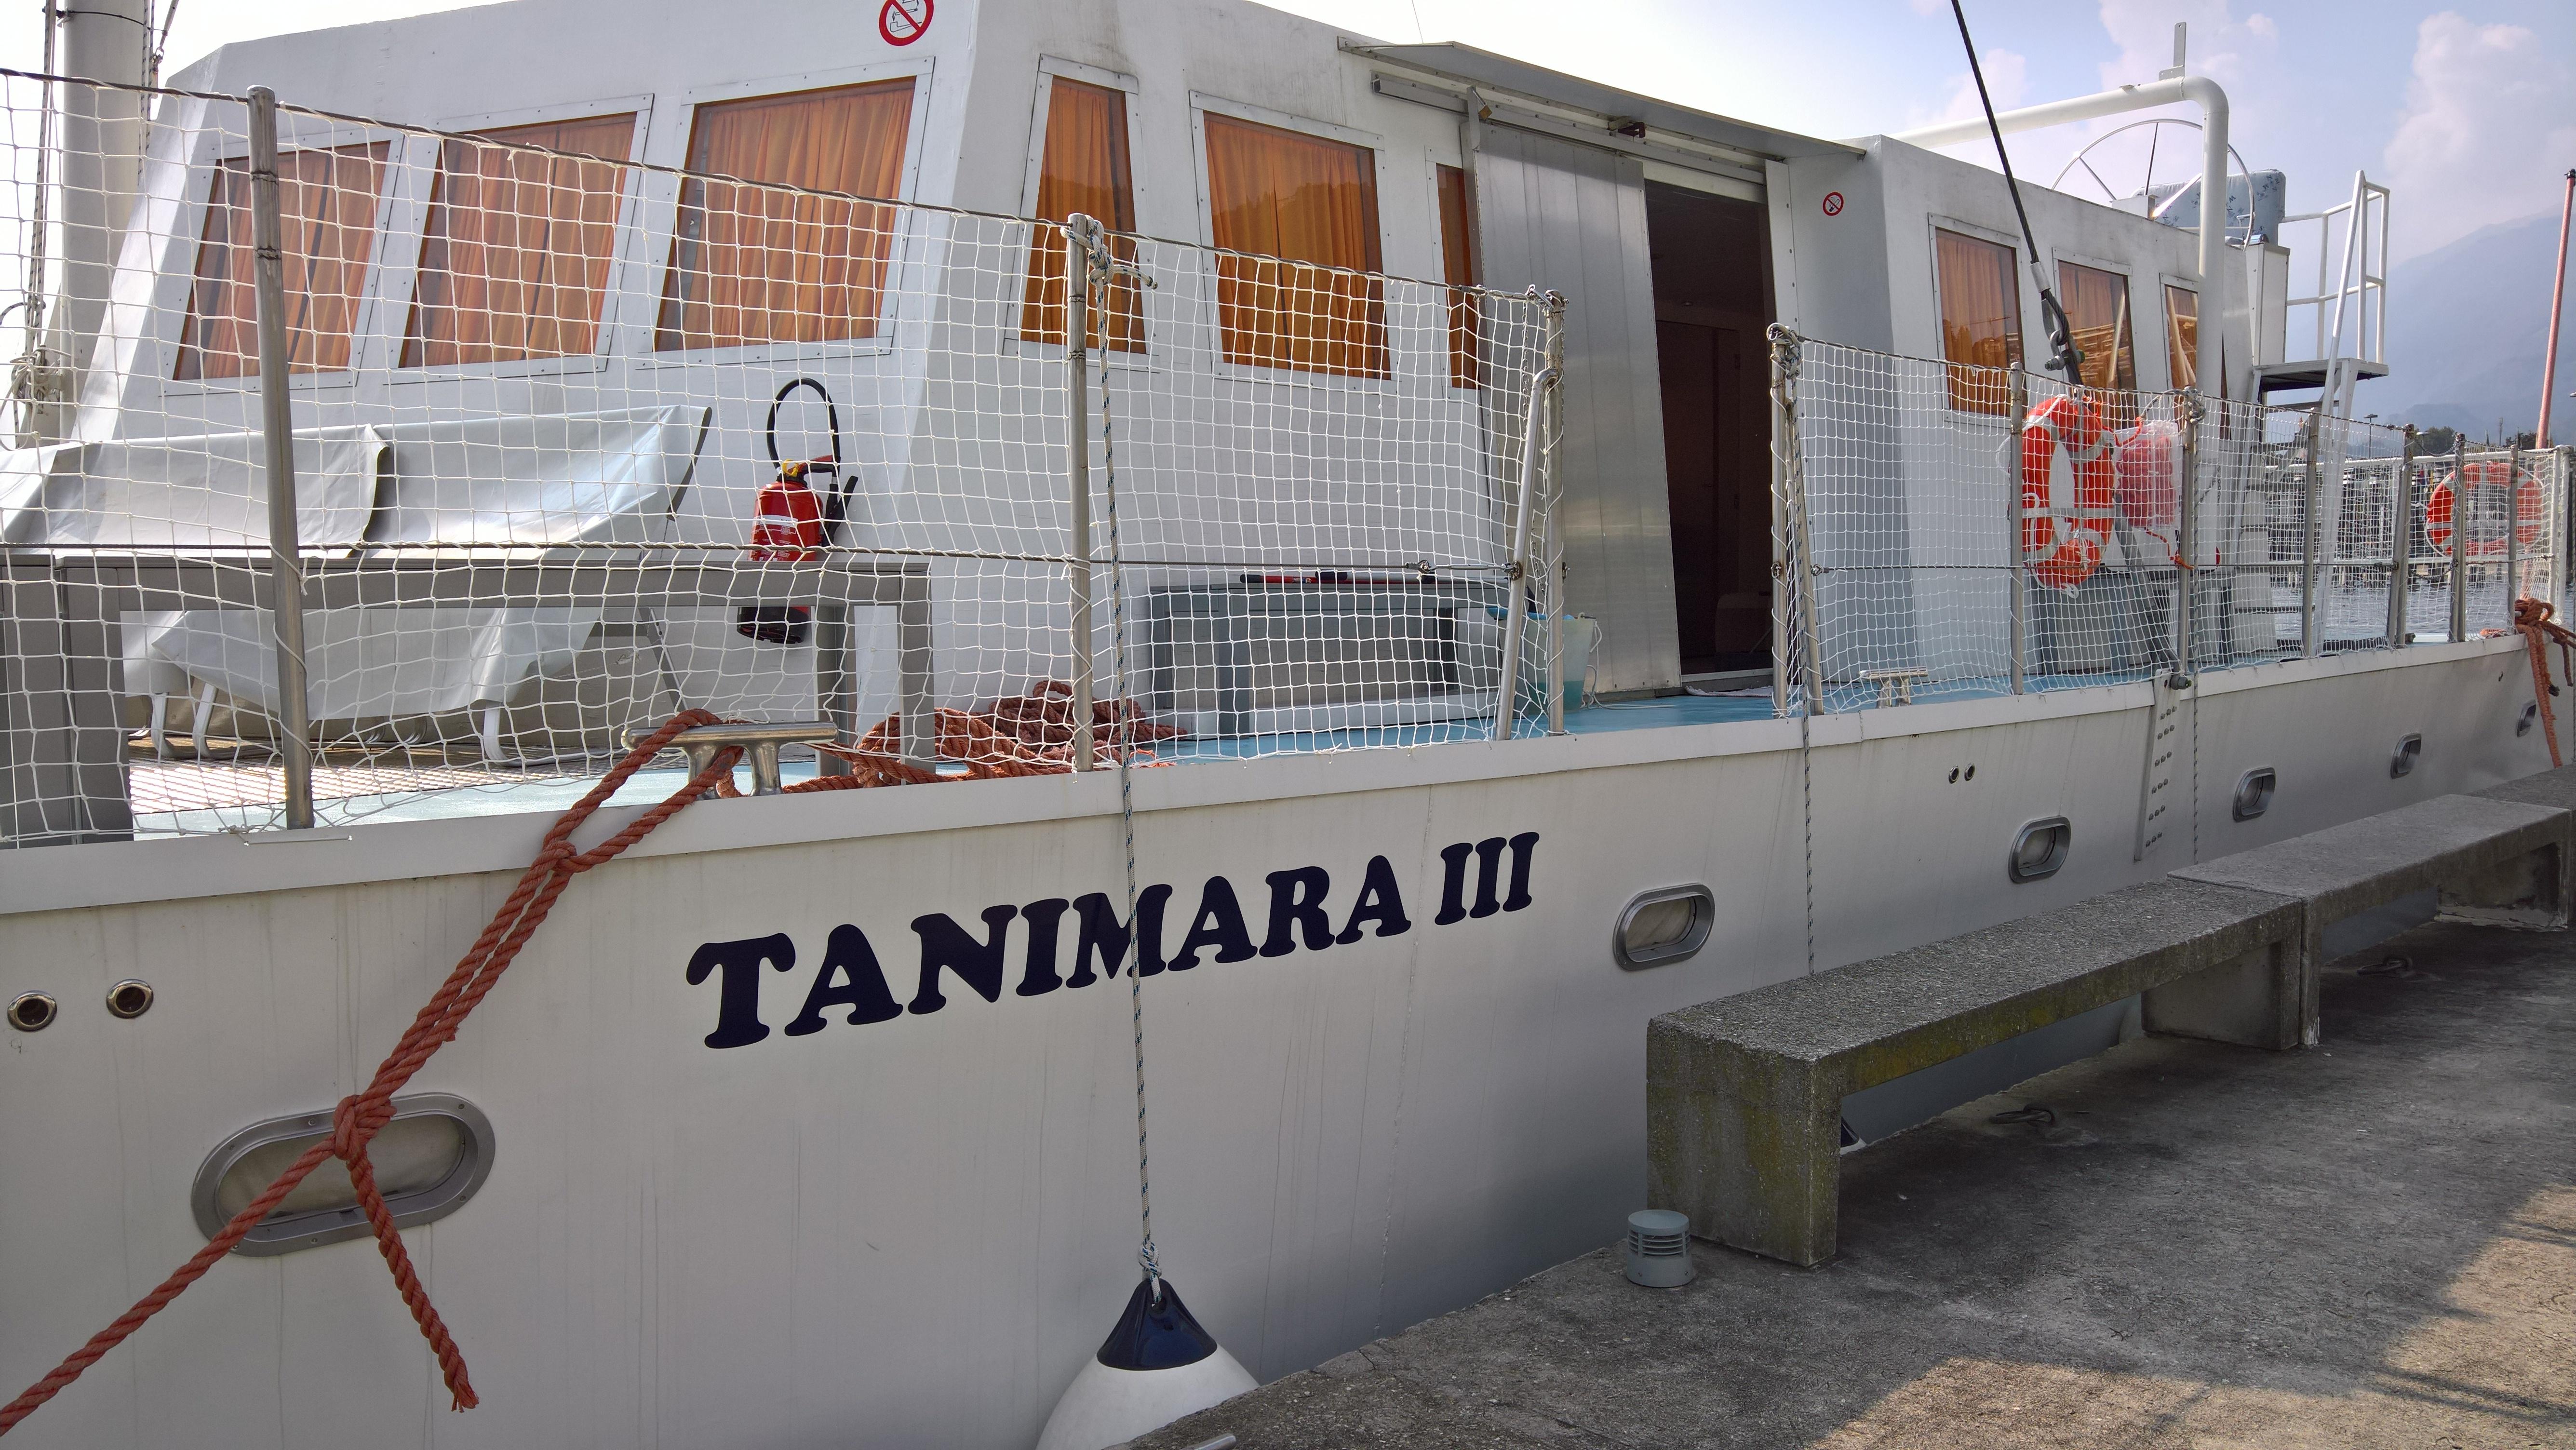 TANIMARA III